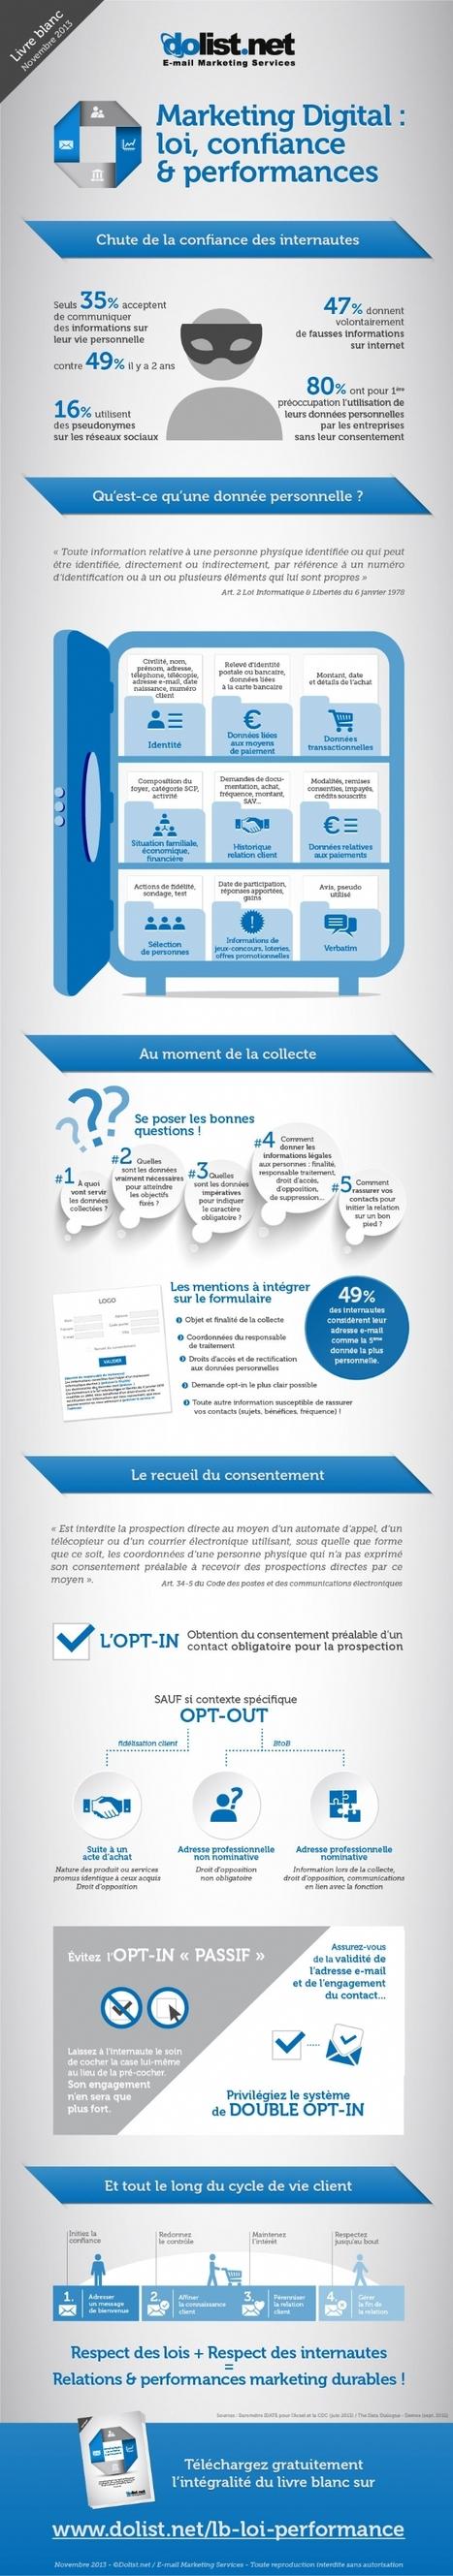 [Etude] 47% des internautes donnent volontairement de fausses informations | Veille webtrends et marketing digital | Scoop.it